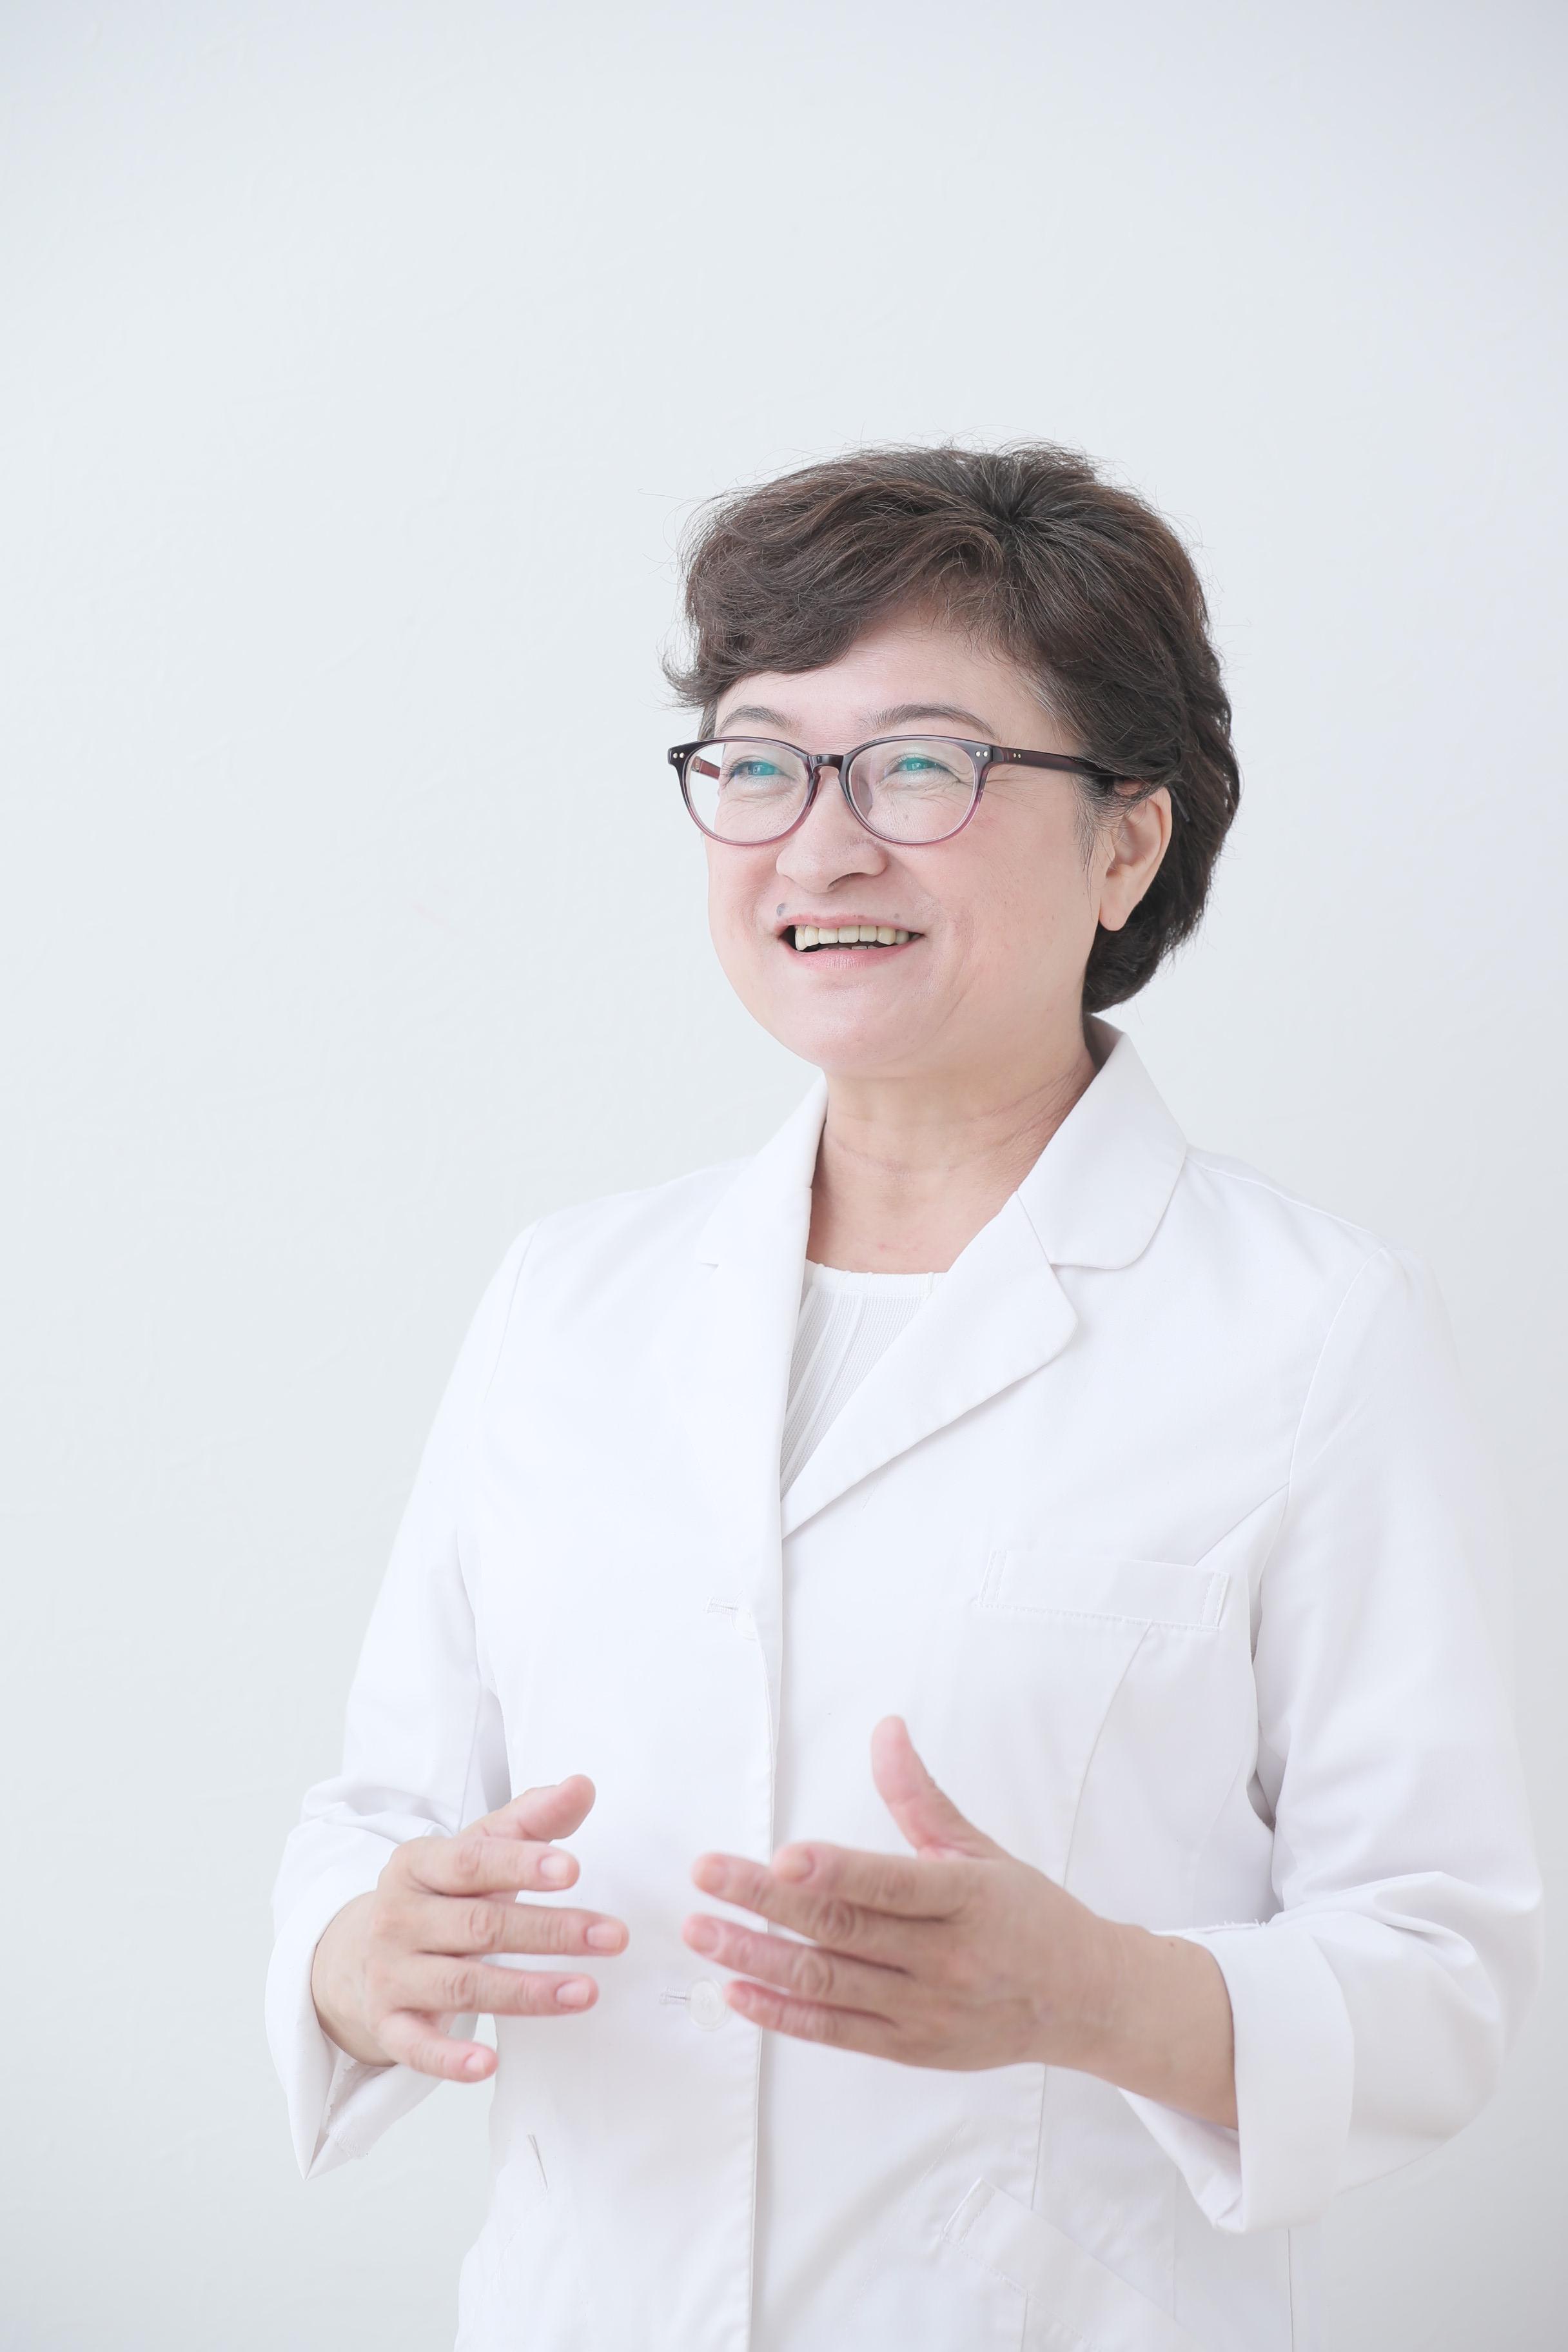 【メディア情報】LIVE onlineのサポーターにIHTA理事加藤香が選ばれました